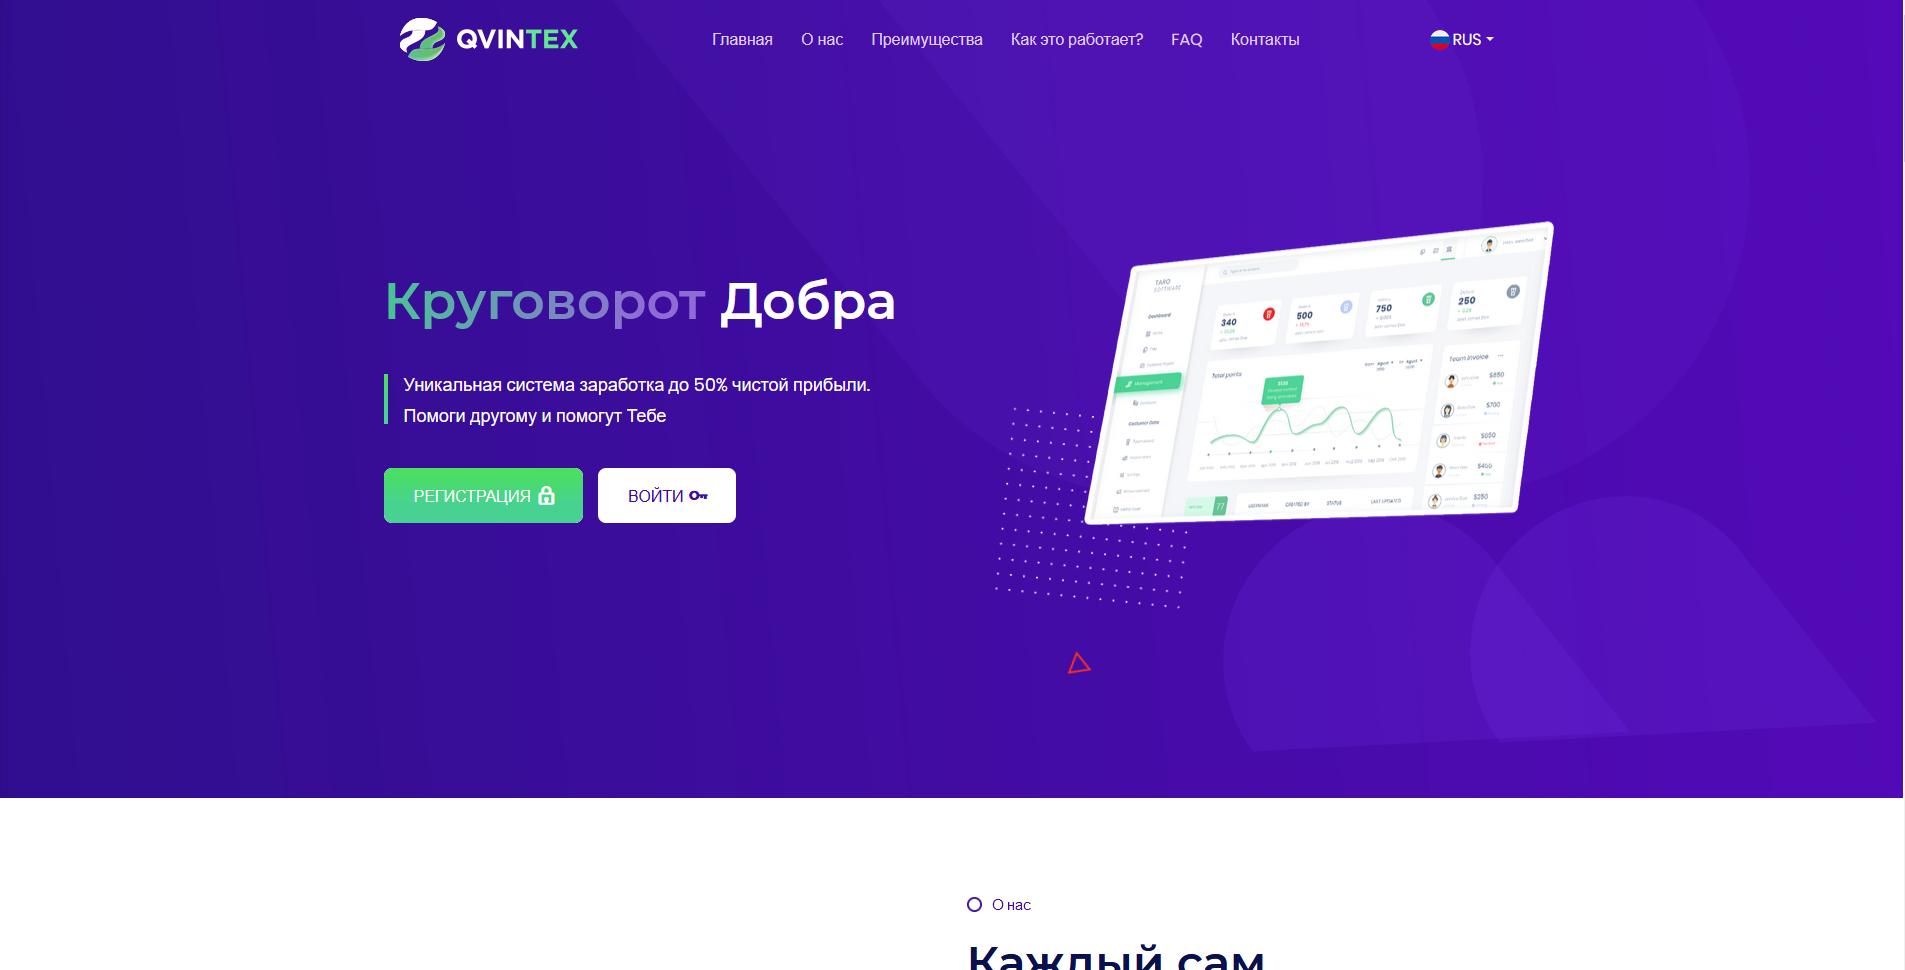 qvintex - qvintex.com